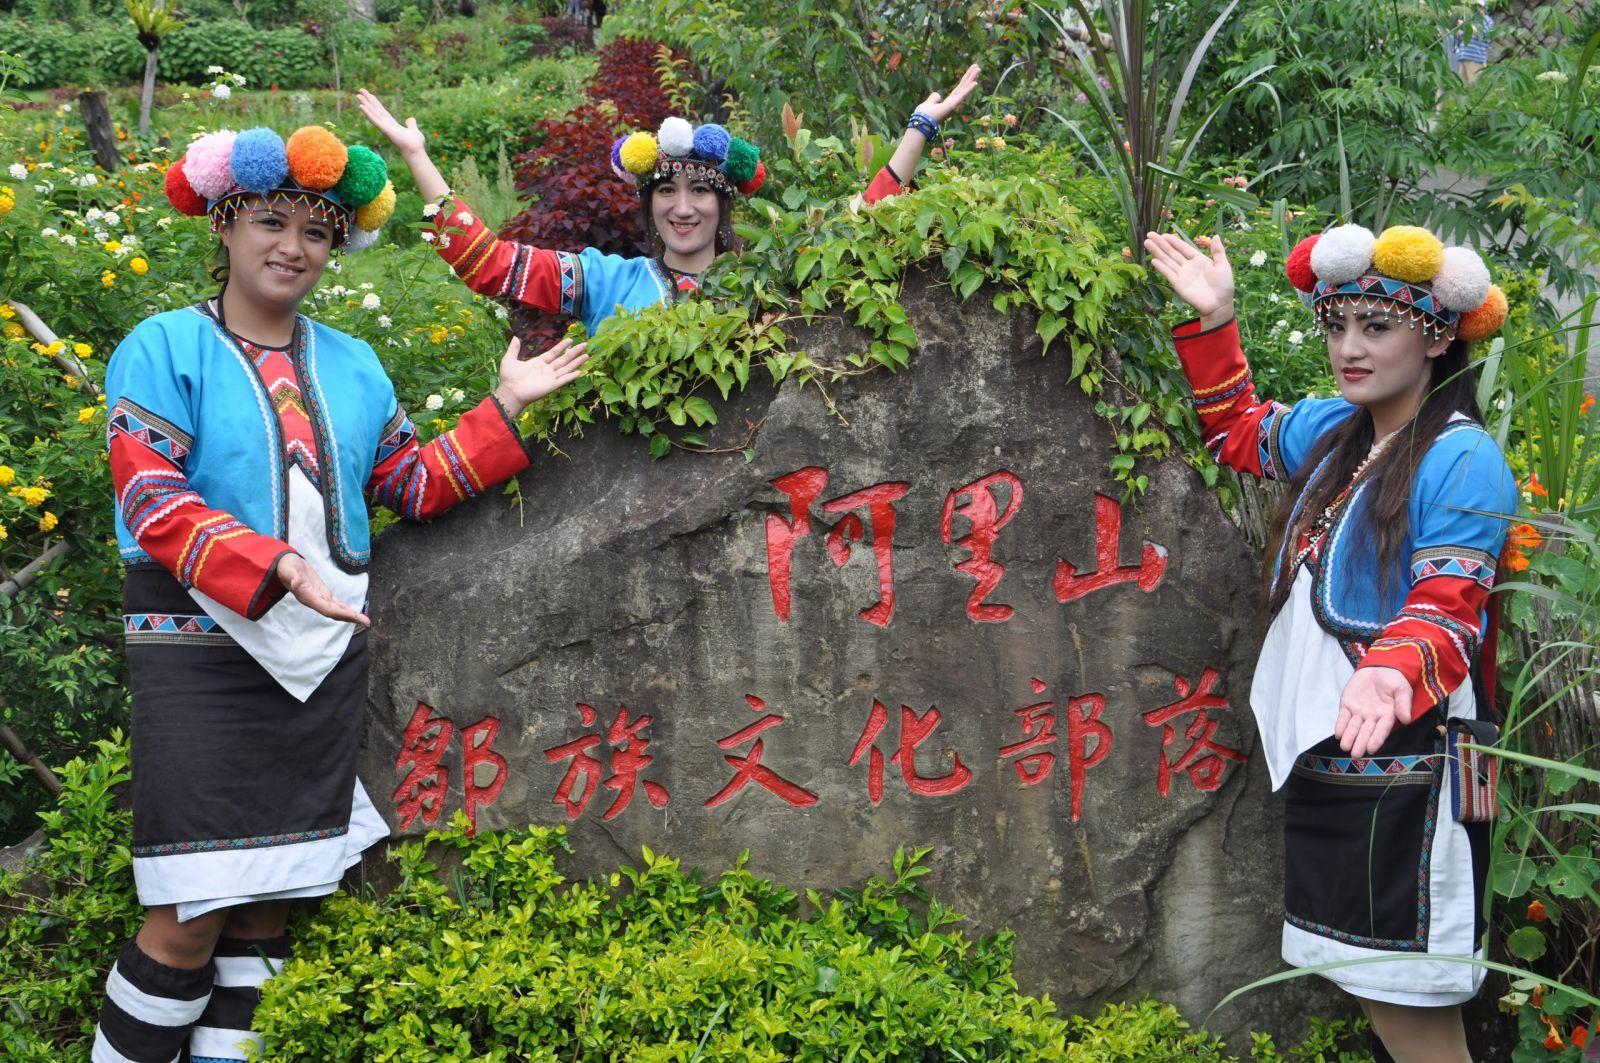 優遊吧斯阿里山鄒族文化部落 其他圖片5